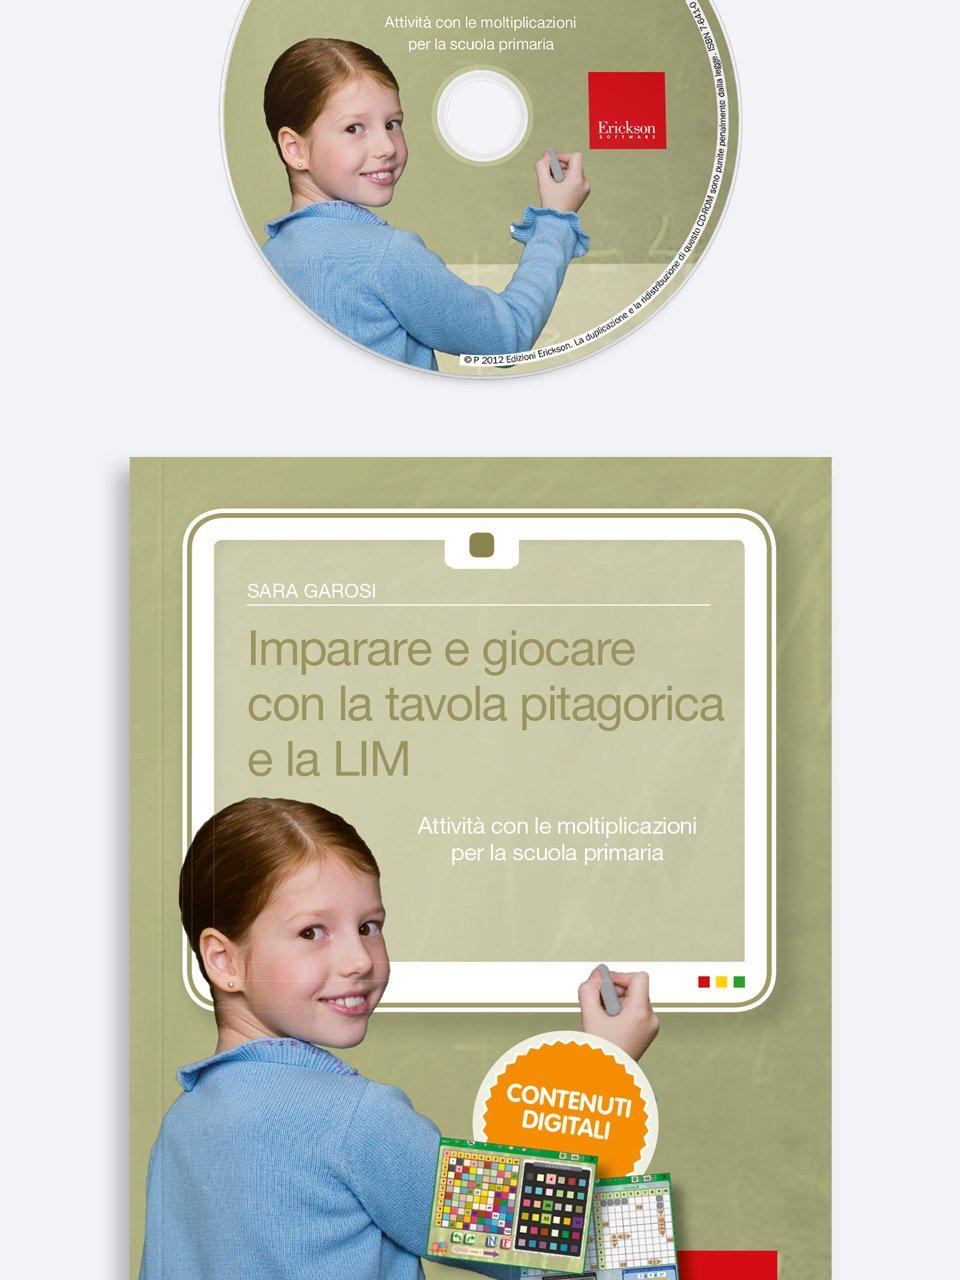 Imparare e giocare con la tavola pitagorica e la LIM - App e software per Scuola, Autismo, Dislessia e DSA - Erickson